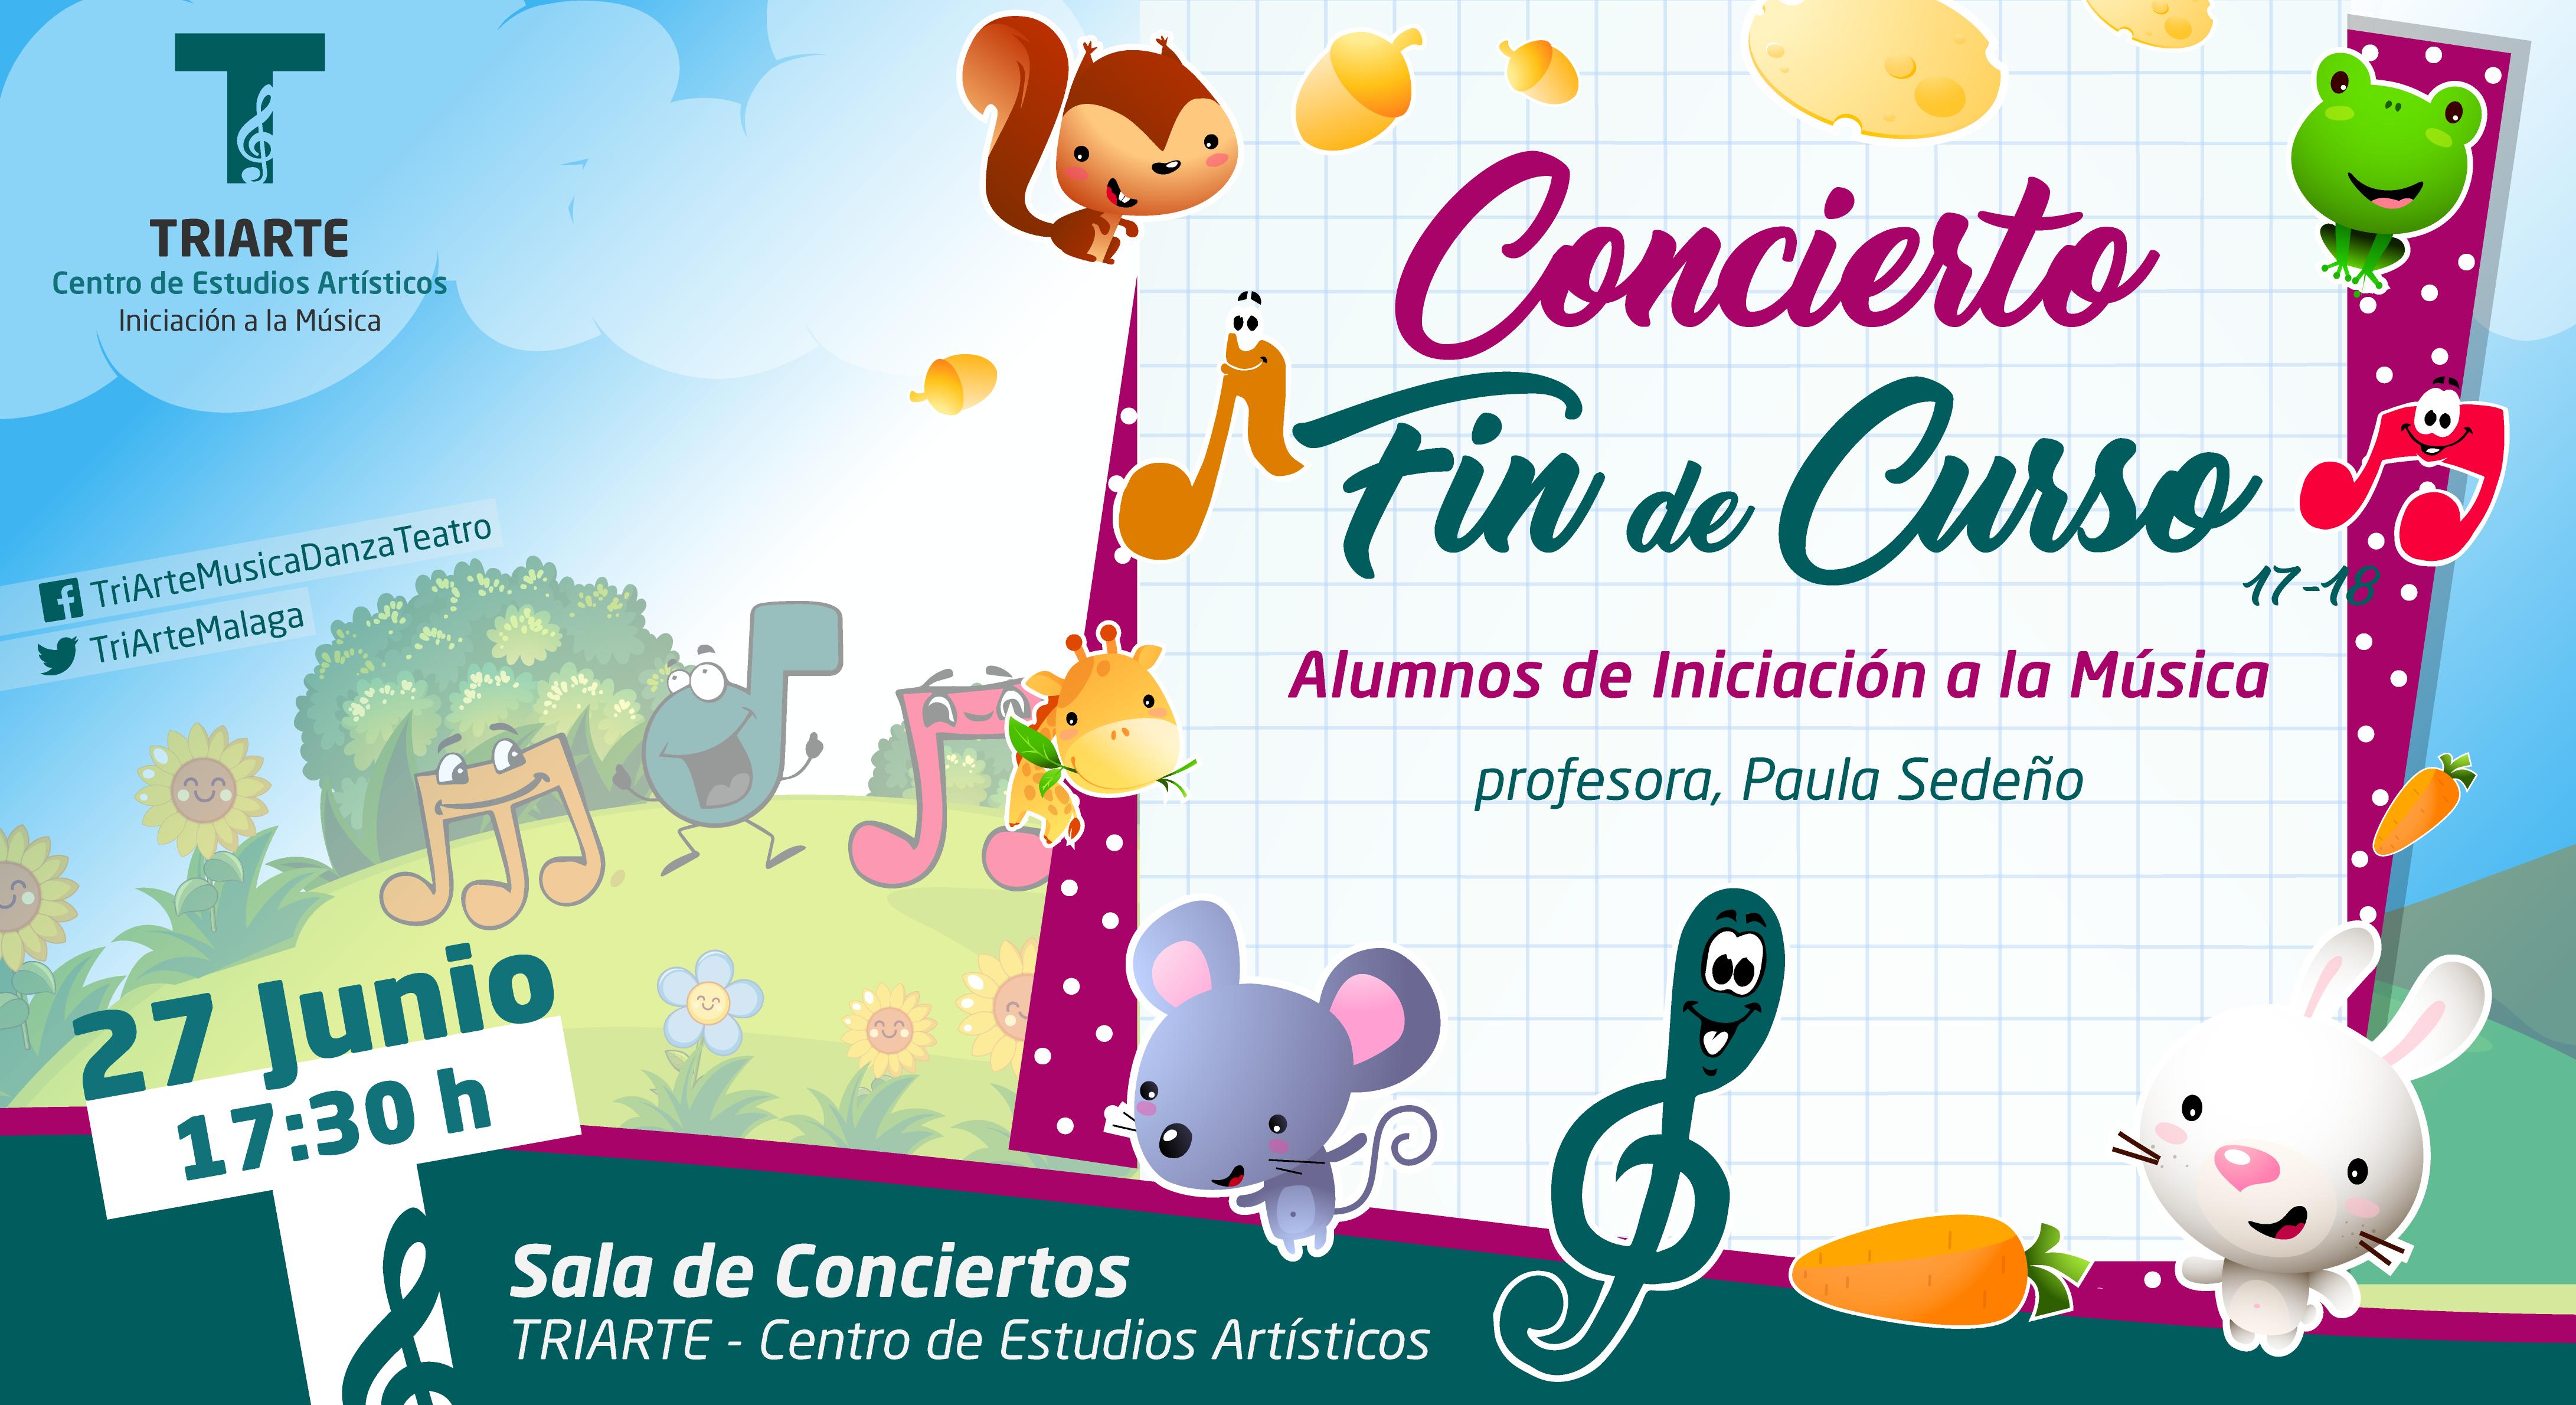 Concierto Fin de Curso. Iniciación a la Música. Triarte, Málaga. Clases de Música para niños de 3 a 6 años